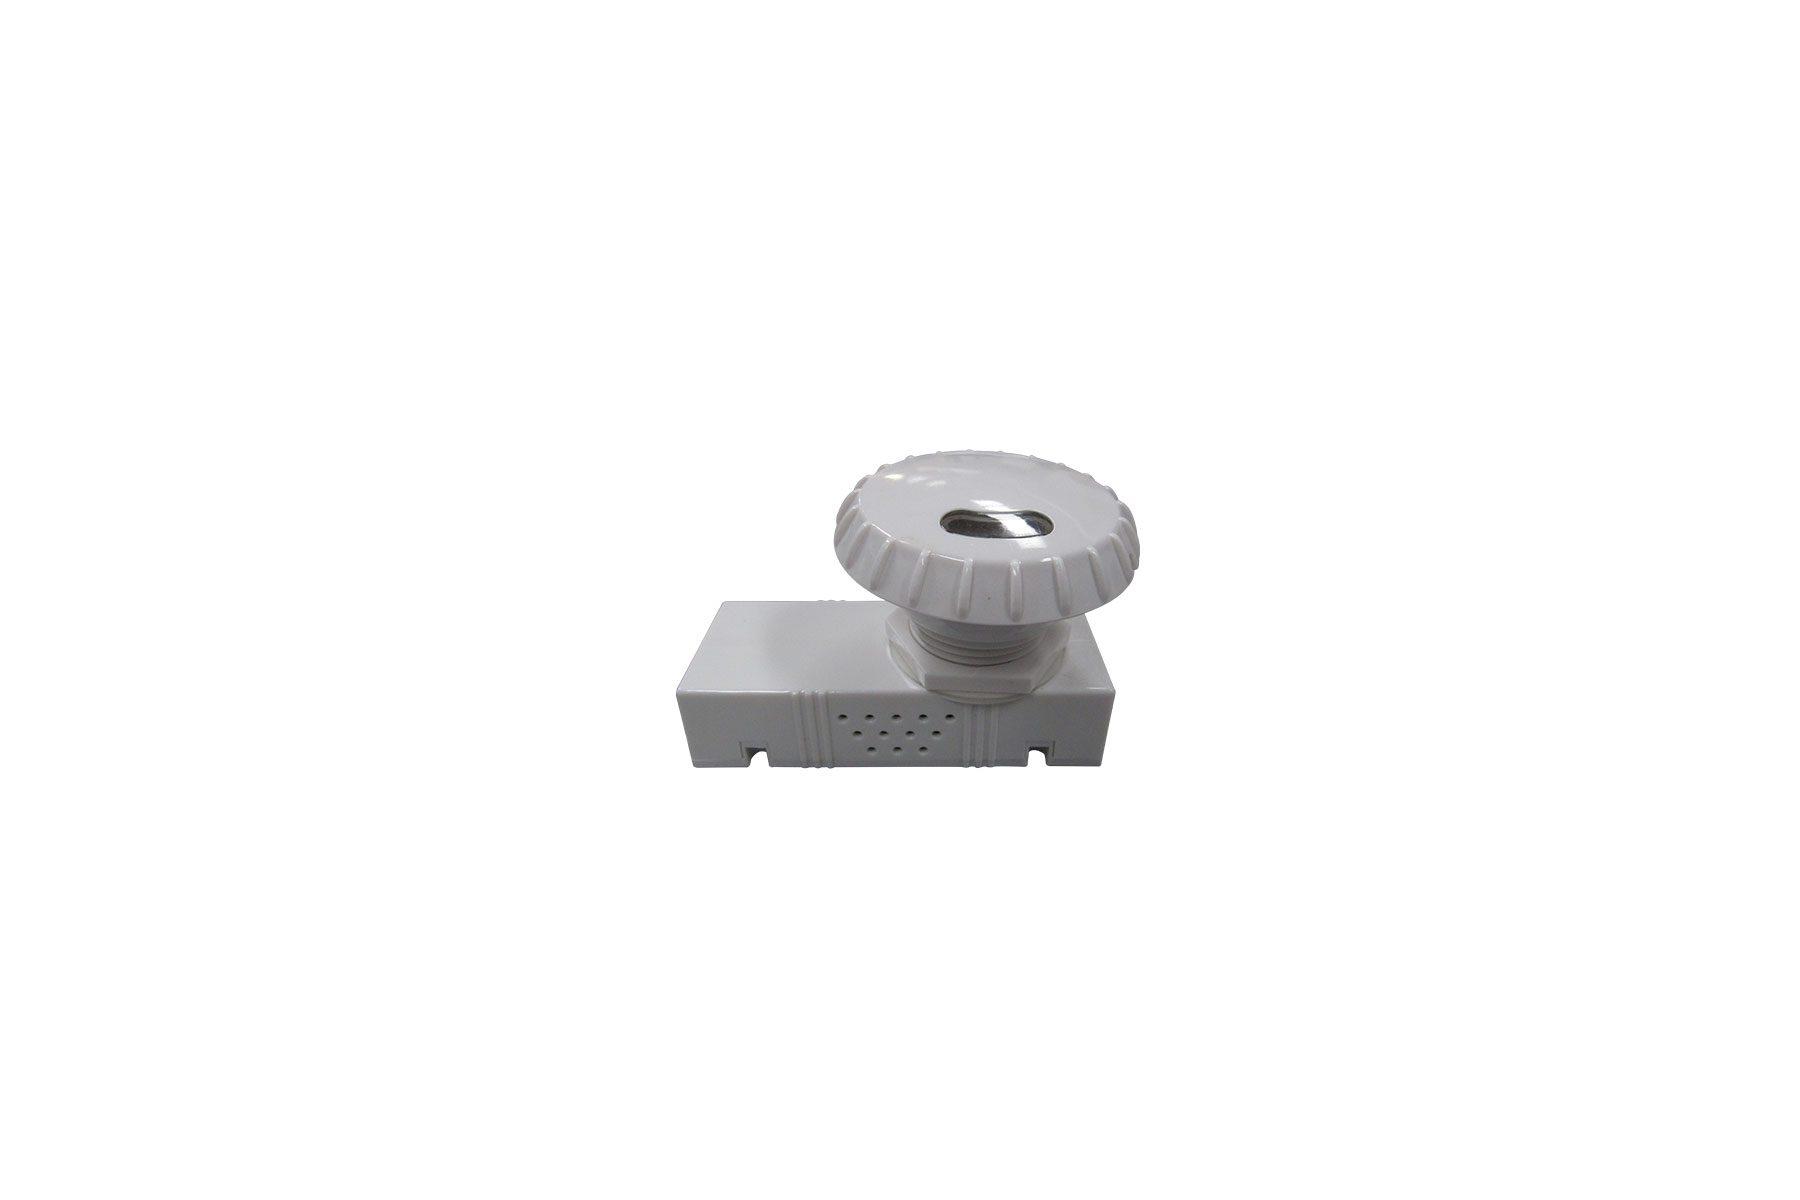 Microwave Sensor 120 - 277V for FLH43 LED Flood Light